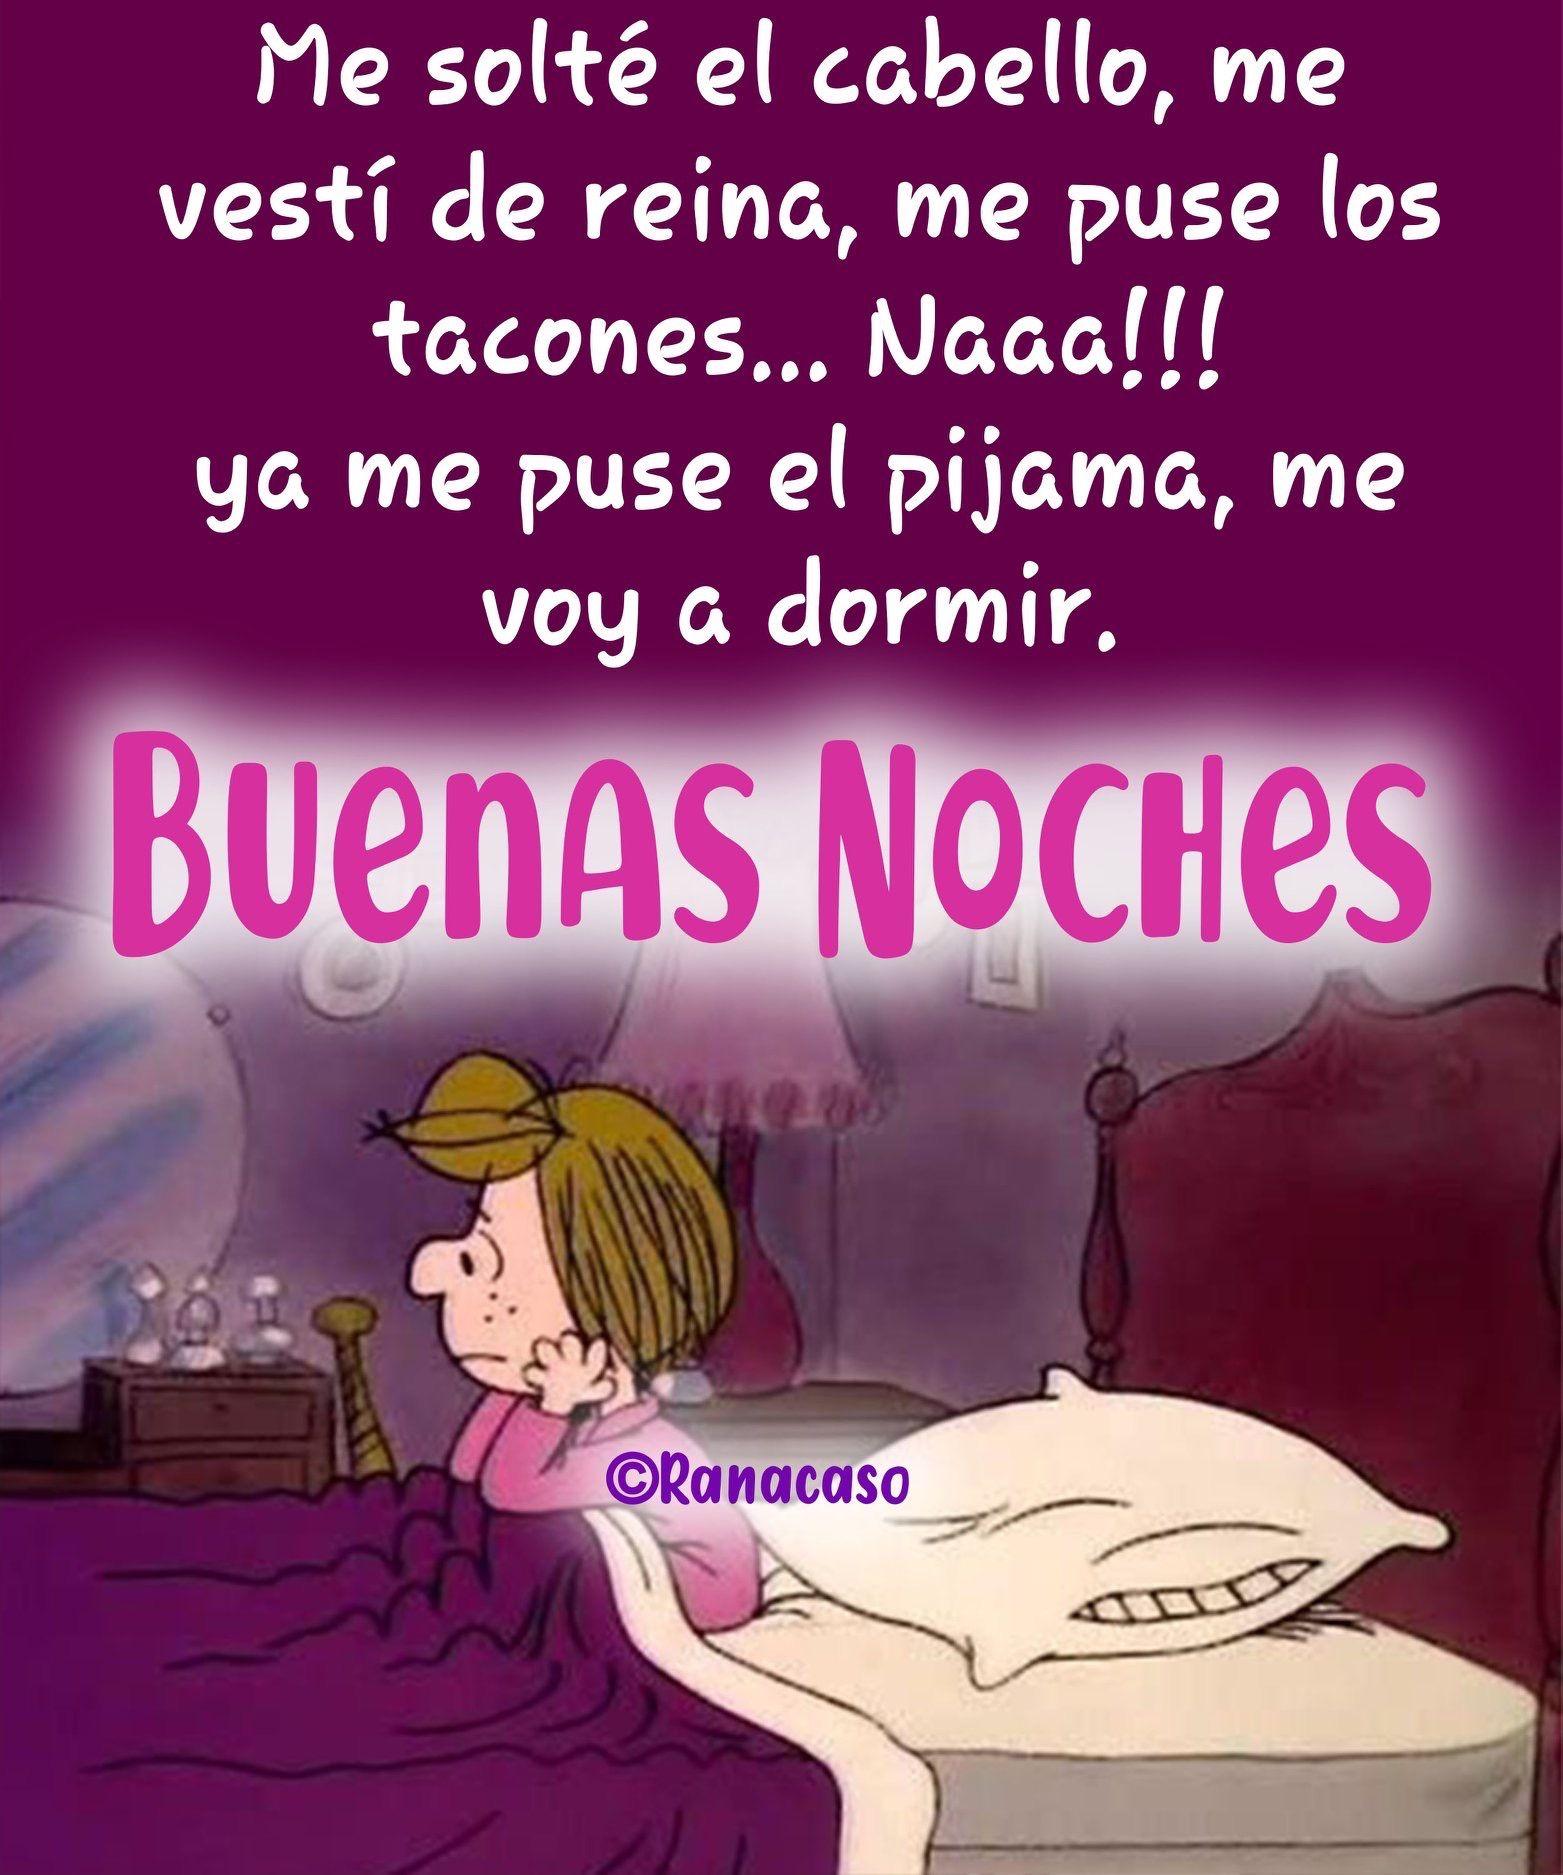 Pin De Myriam Lopez Acevedo En Buenas Noches Buenas Noches Me Voy A Dormir Noche